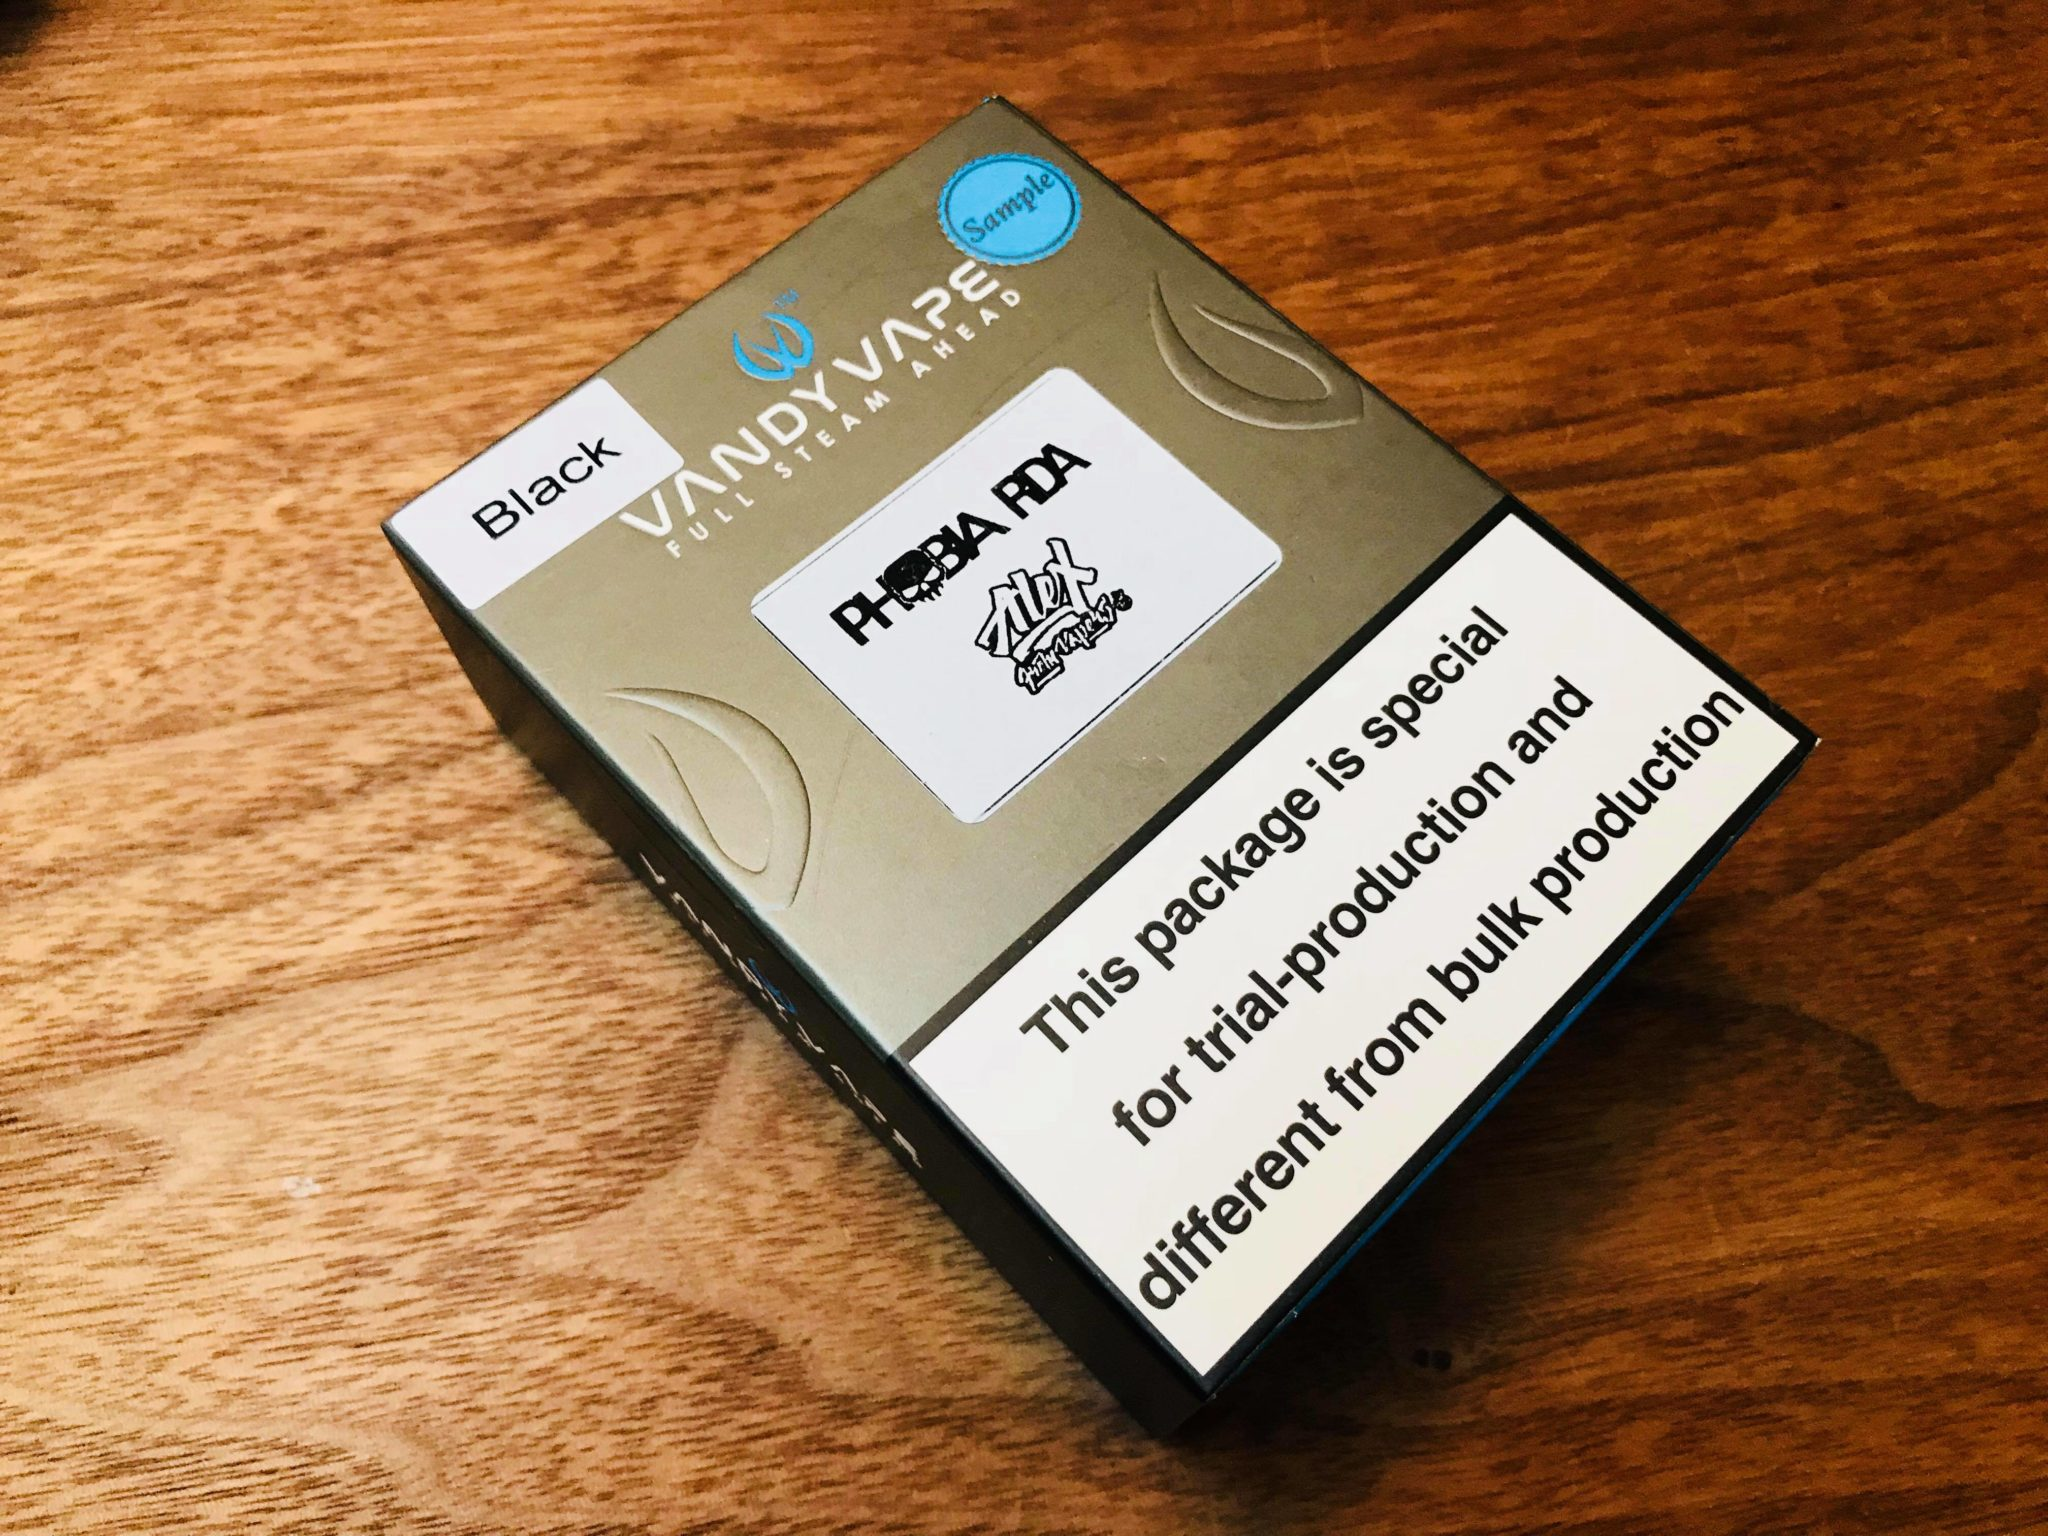 28080196 10208467237076913 161934446 o 1 - 【レビュー】Vandy Vape Phobia RDA(バンディベイプフォビアRDA)。イカツイ名前にイカツイルックス。ビルドは楽目で初心者向き。